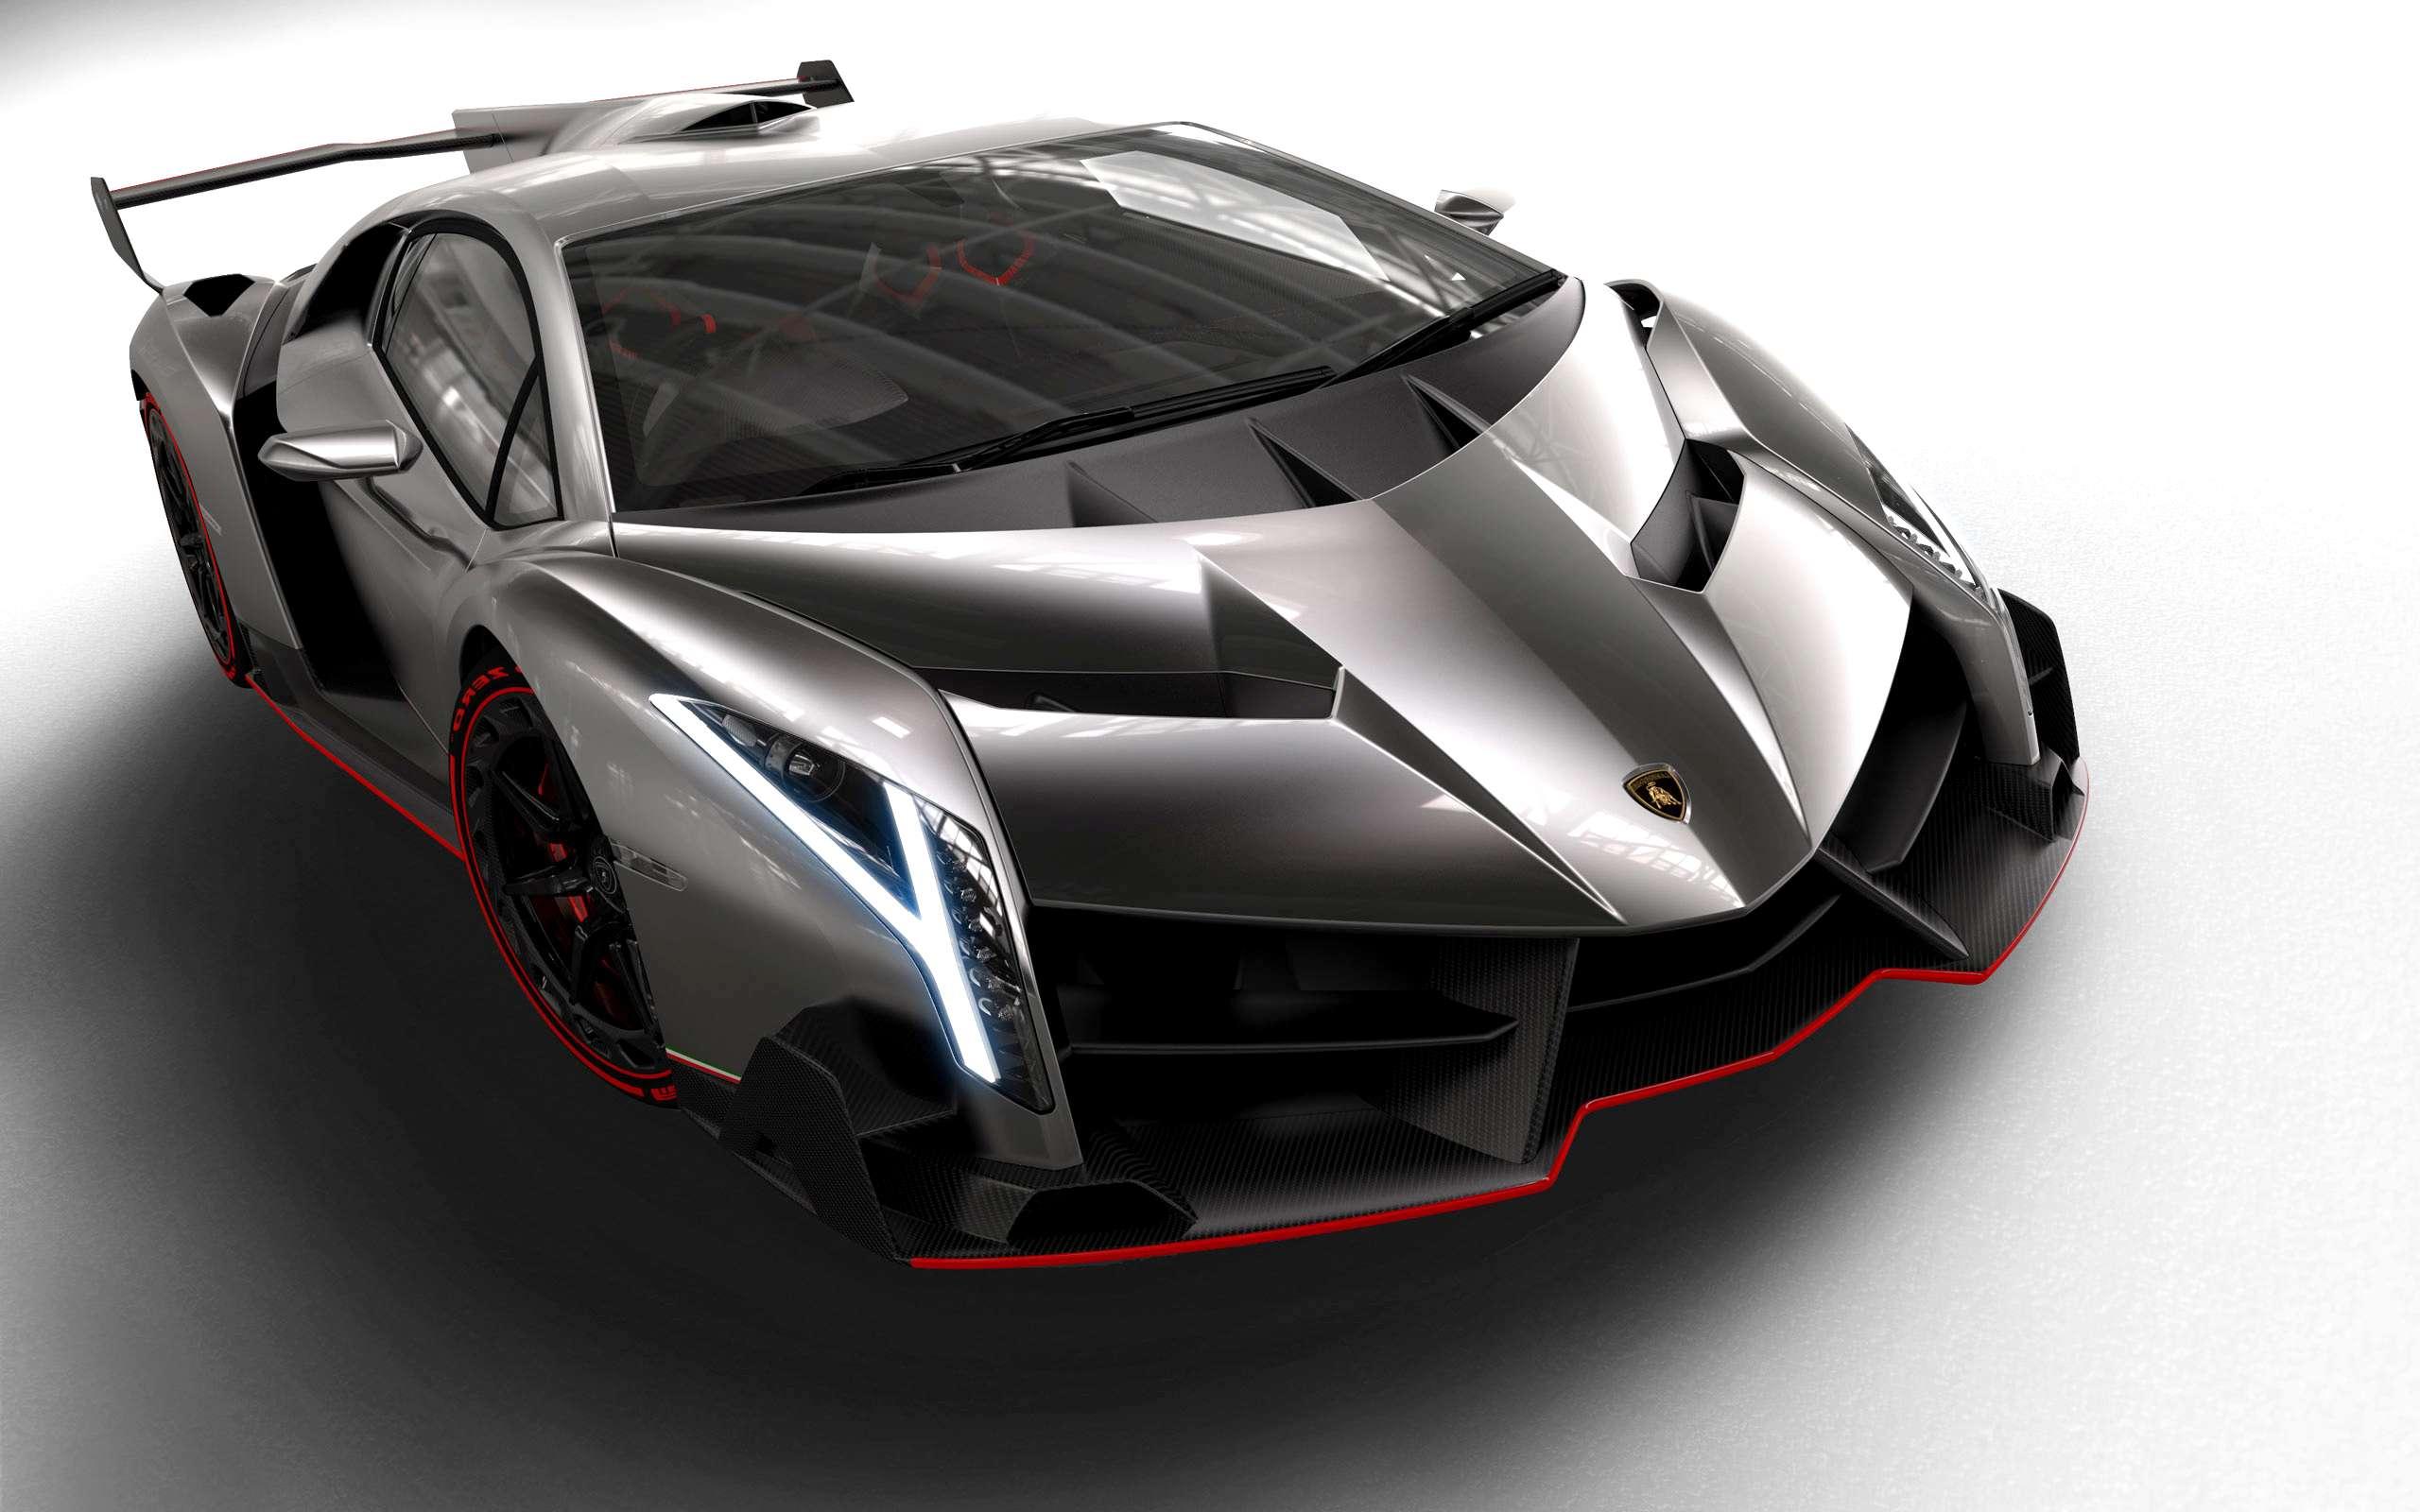 Lamborghini Veneno Backgrounds Hd Lamborghini Veneno